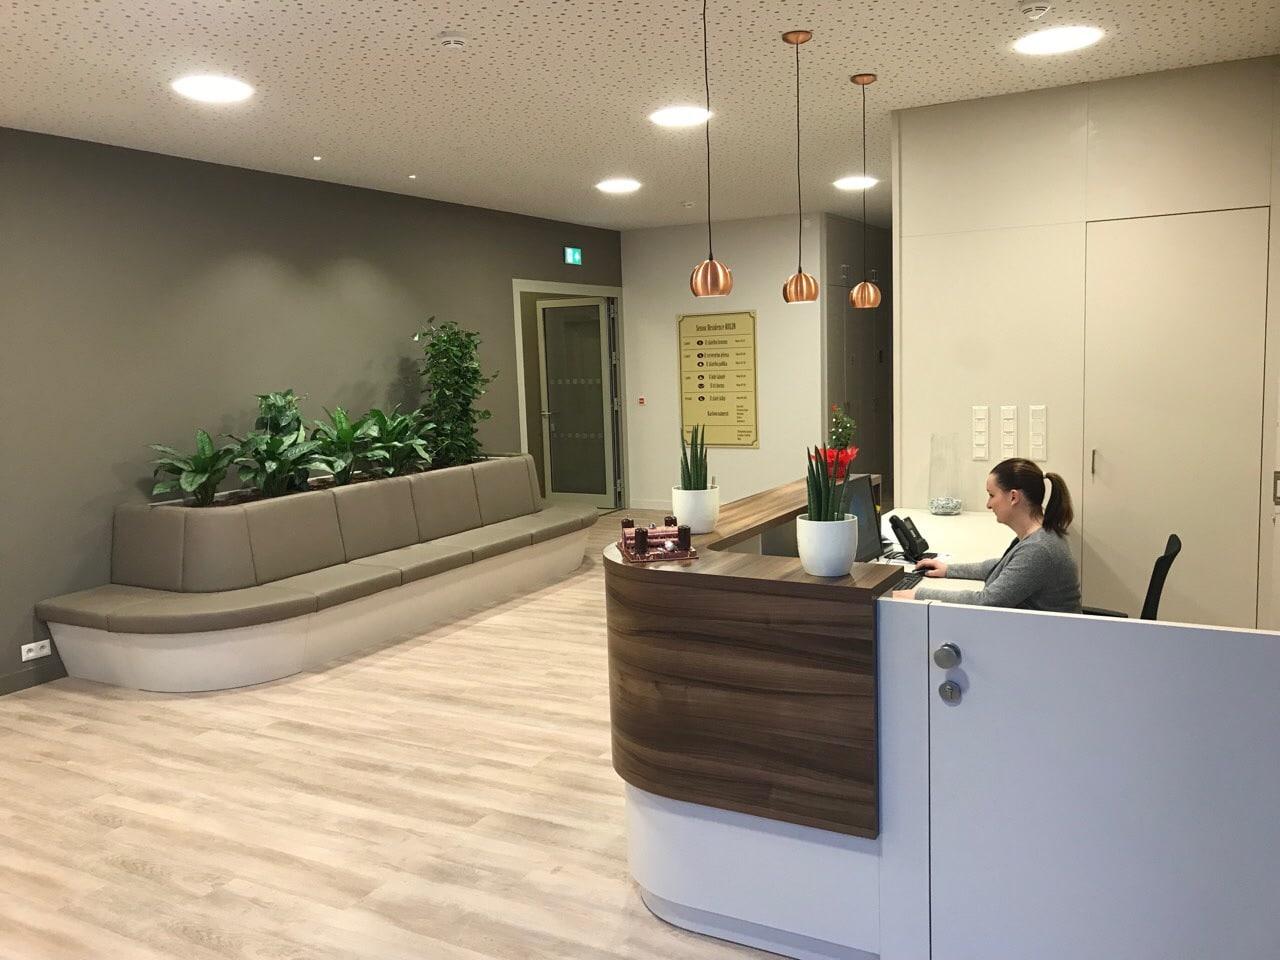 Nové SeniorCentrum v Kolíně otevírá dveře prvním klientům